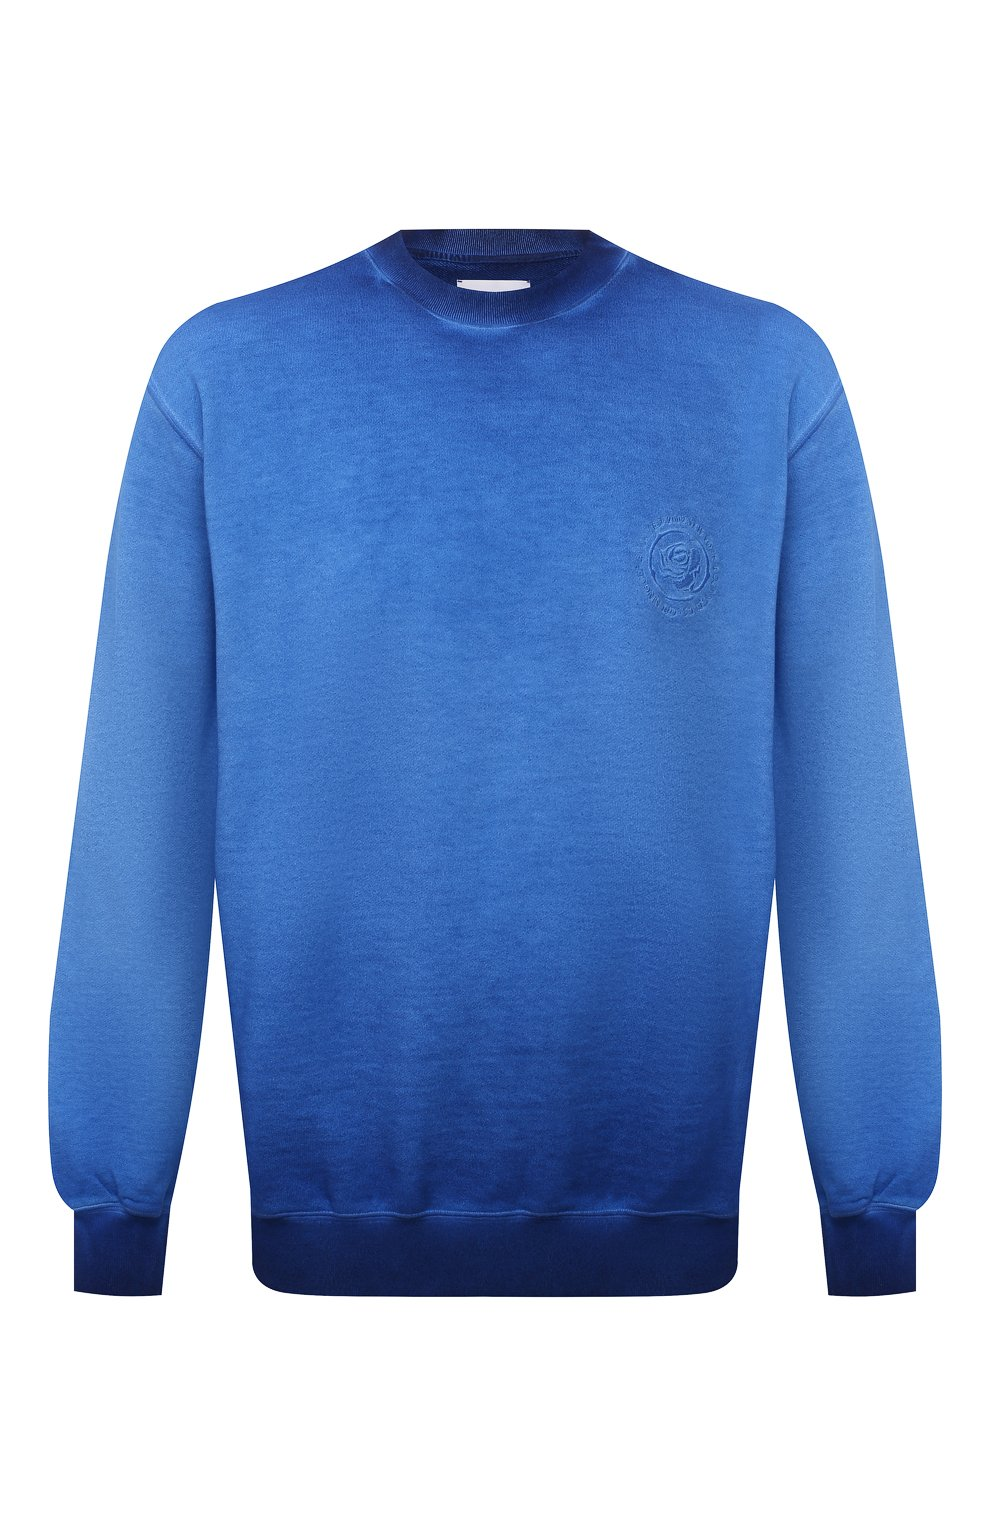 Мужской хлопковый свитшот OPENING CEREMONY синего цвета, арт. YMBA003S21FLE002   Фото 1 (Рукава: Длинные; Принт: Без принта; Длина (для топов): Стандартные; Мужское Кросс-КТ: свитшот-одежда; Материал внешний: Хлопок; Стили: Спорт-шик)